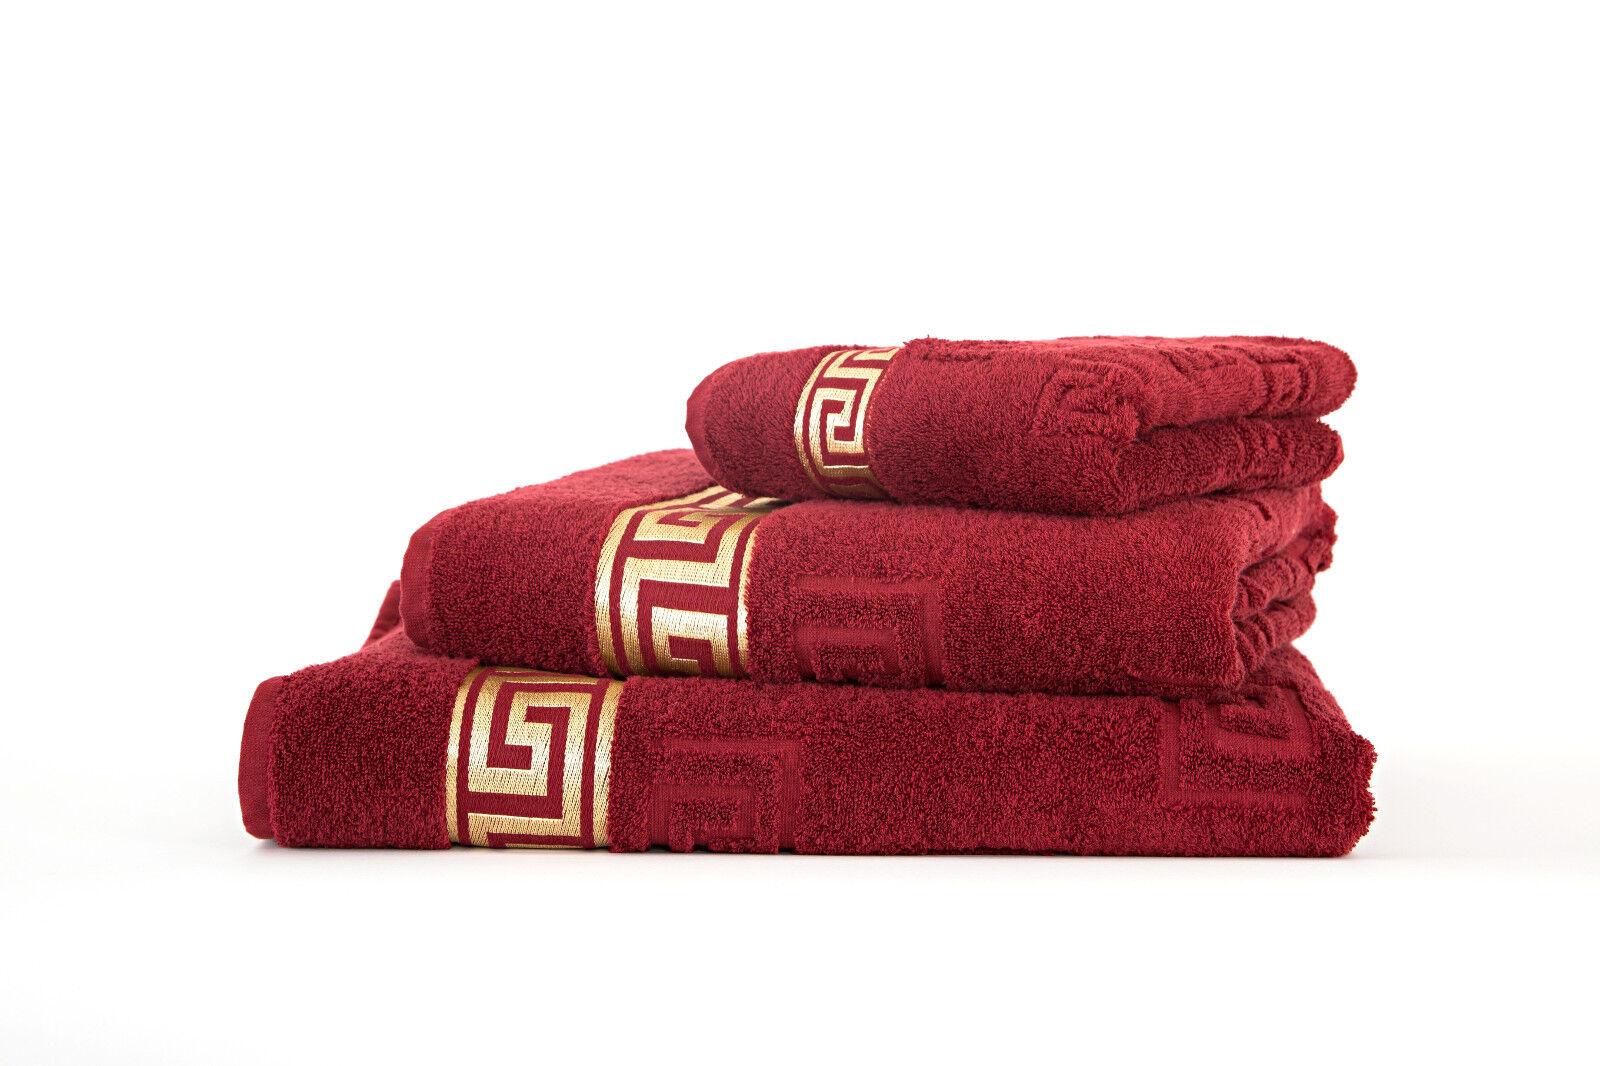 3 tlg Luxus Medusa Handtuch Set Bordeaux 100% feinste Baumwolle Saunatuch   | Die Königin Der Qualität